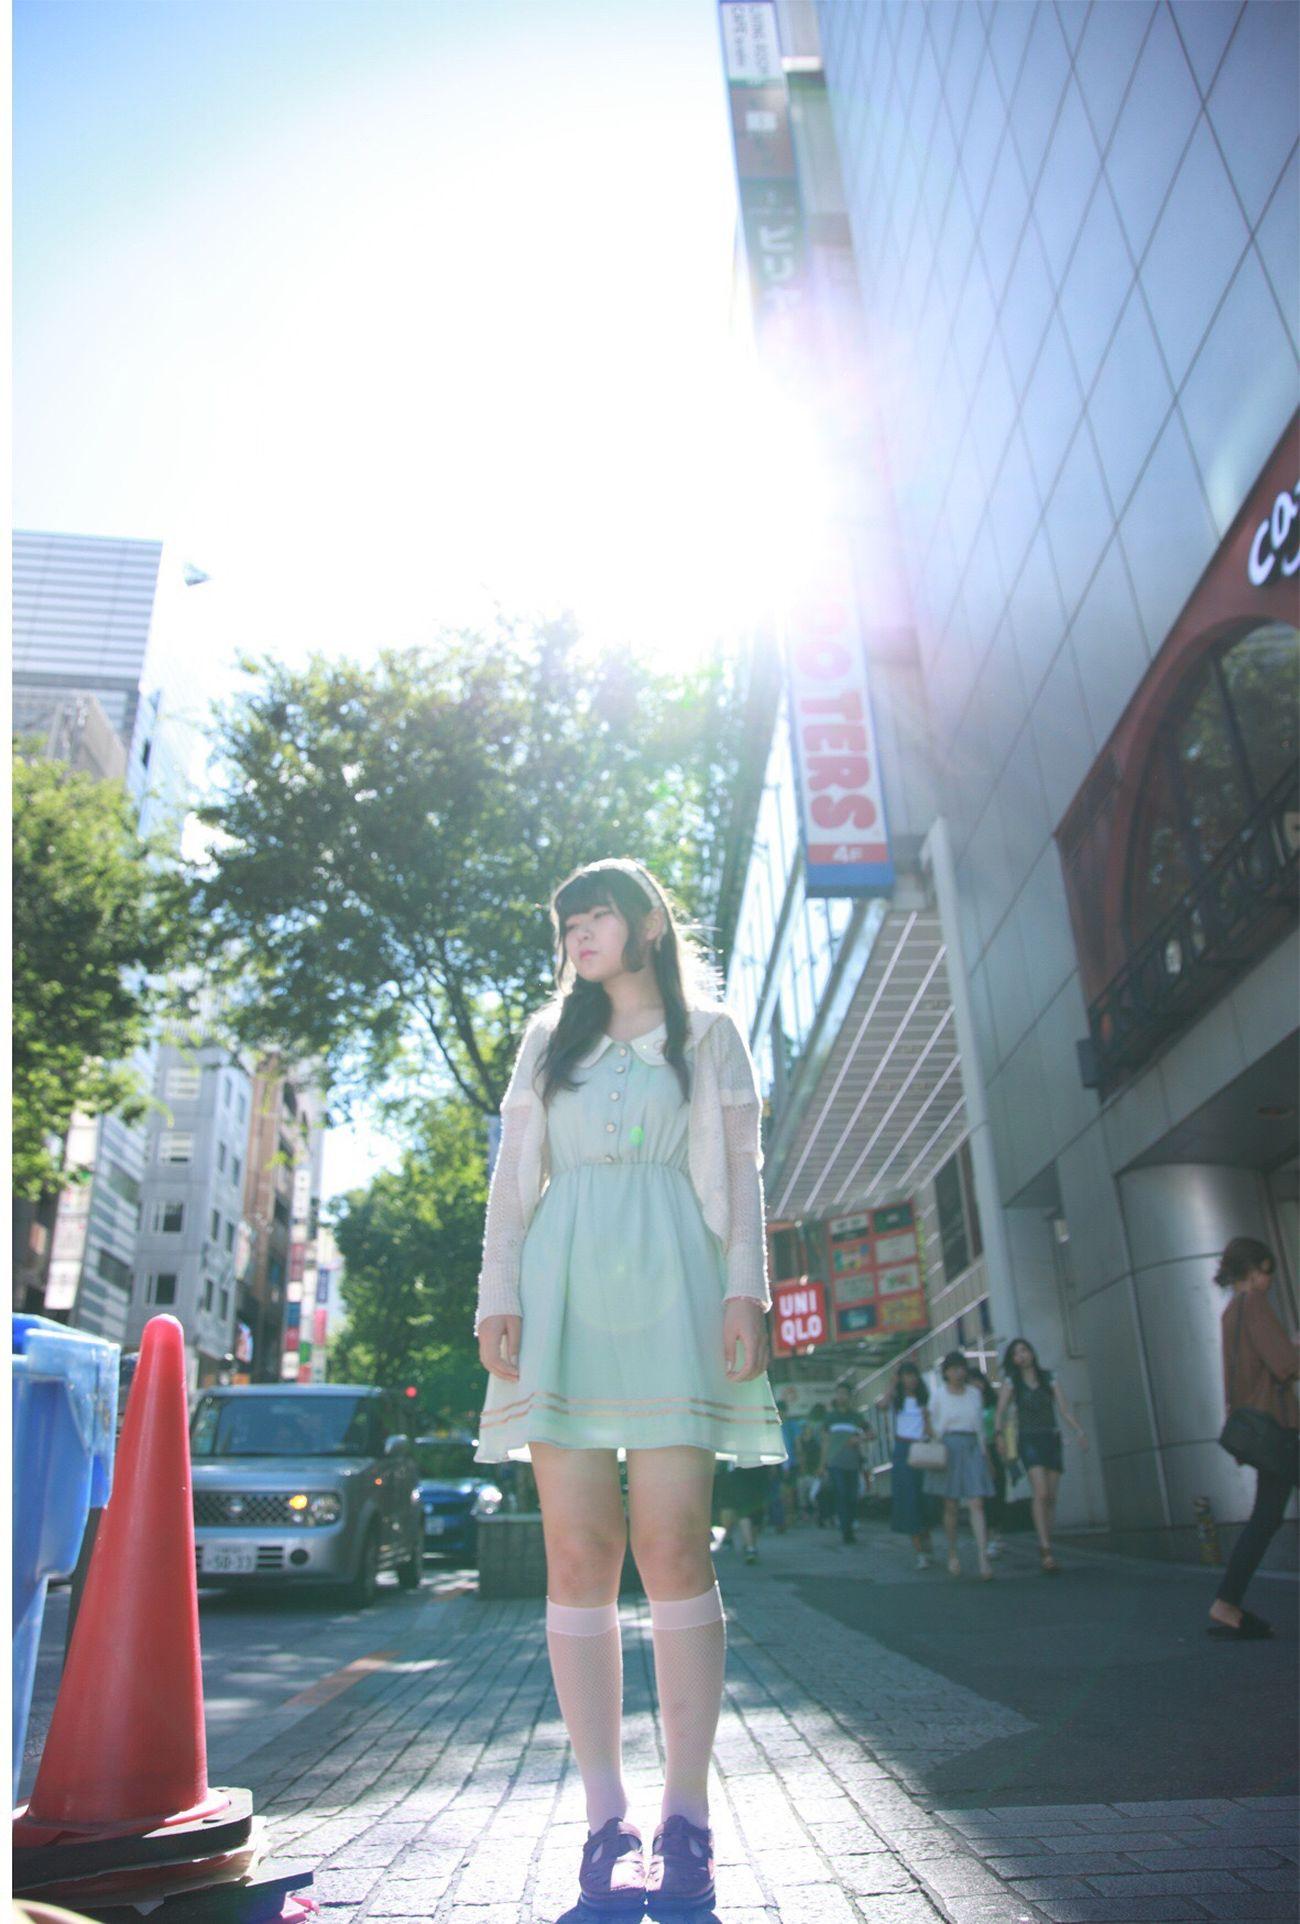 こんな暑い日に待ち合わせで不機嫌。そんなあなたでもまぶしい。爽やかな色の服装には淡い色のソックスがはまります。ソックス各色¥1,000+税 #ぽこあぽこ #ソックス #socks #shibuya109 ぽこあぽこ Pocoapoco ソックス 靴下 Socks Shibuya109